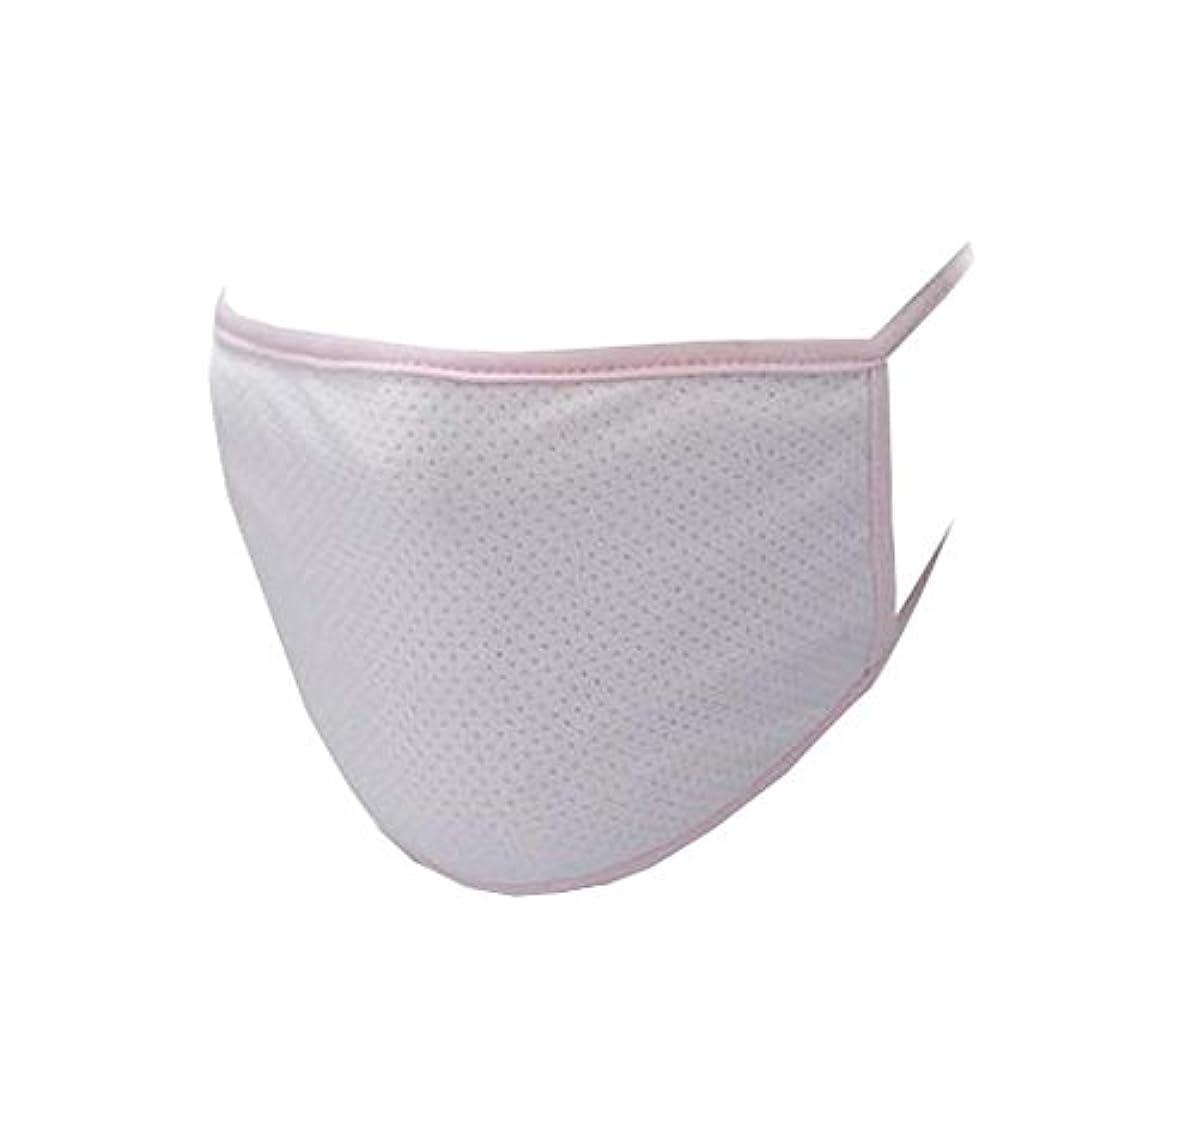 商標ほめる暗黙口マスク、再使用可能フィルター - 埃、花粉、アレルゲン、抗UV、およびインフルエンザ菌 - D